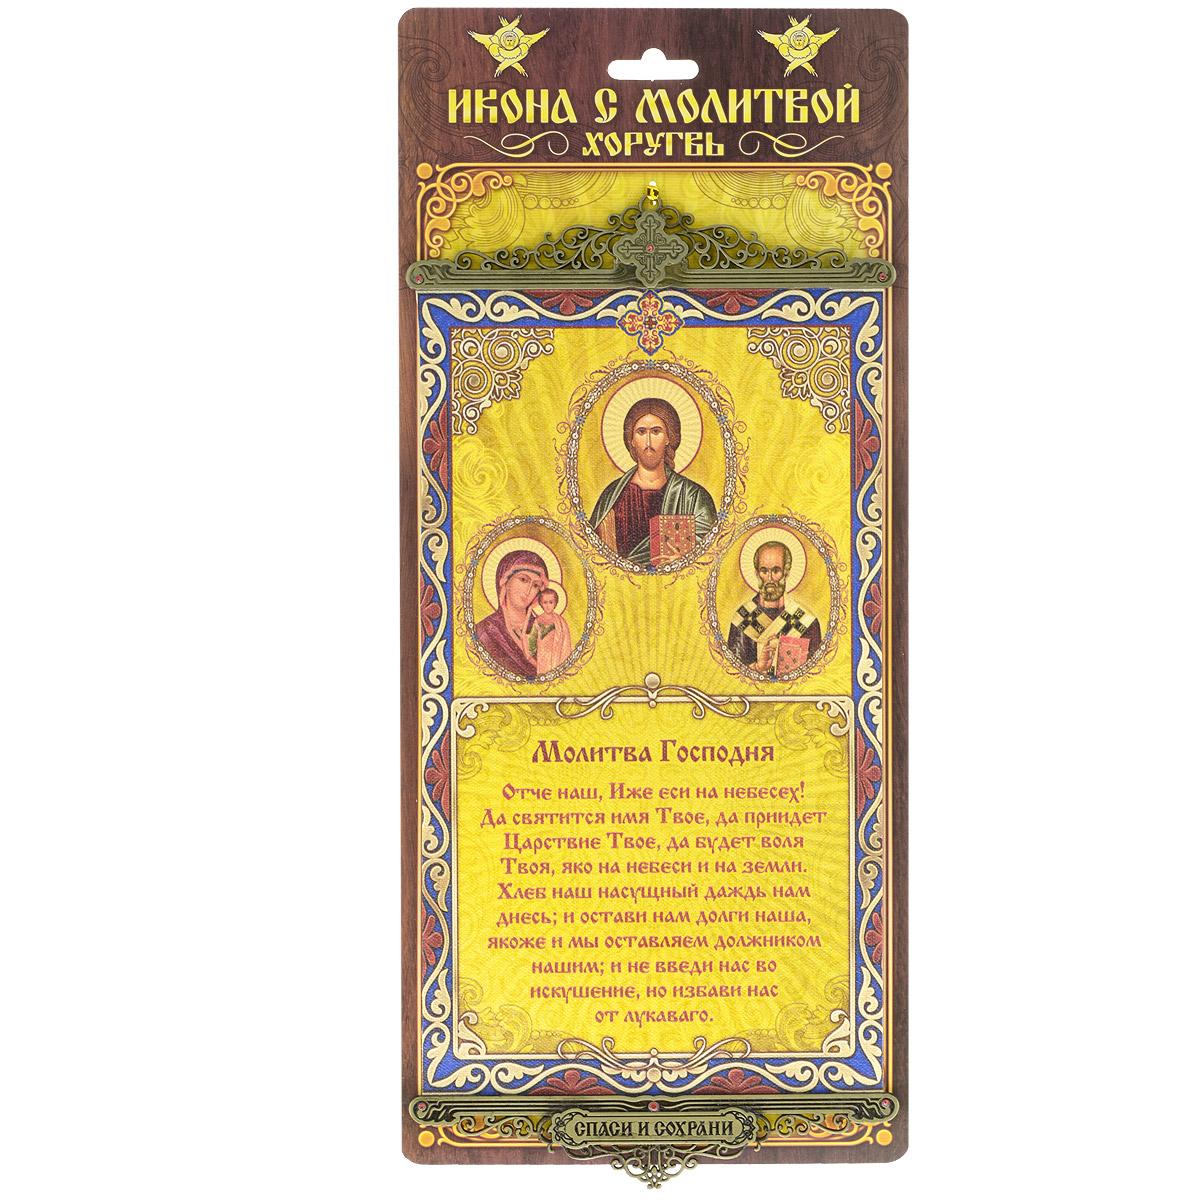 Икона с молитвой Молитва Господня, на подвесах602822Икона с молитвой Молитва Господня выполнена из плотного текстиля с нанесенным цветным рисунком, края декорированы ажурными металлическими вставками со стразами. Цветовая гамма и интерьер влияют на настроение каждого, именно поэтому так важны детали, которые нас окружают. Знатоки интерьерных решений стараются применять самые разнообразные решения при художественном оформлении внутреннего пространства и использовать все возможные материалы. Икона с молитвой на подвесах - это хорошее решение для интерьера по выгодной цене!